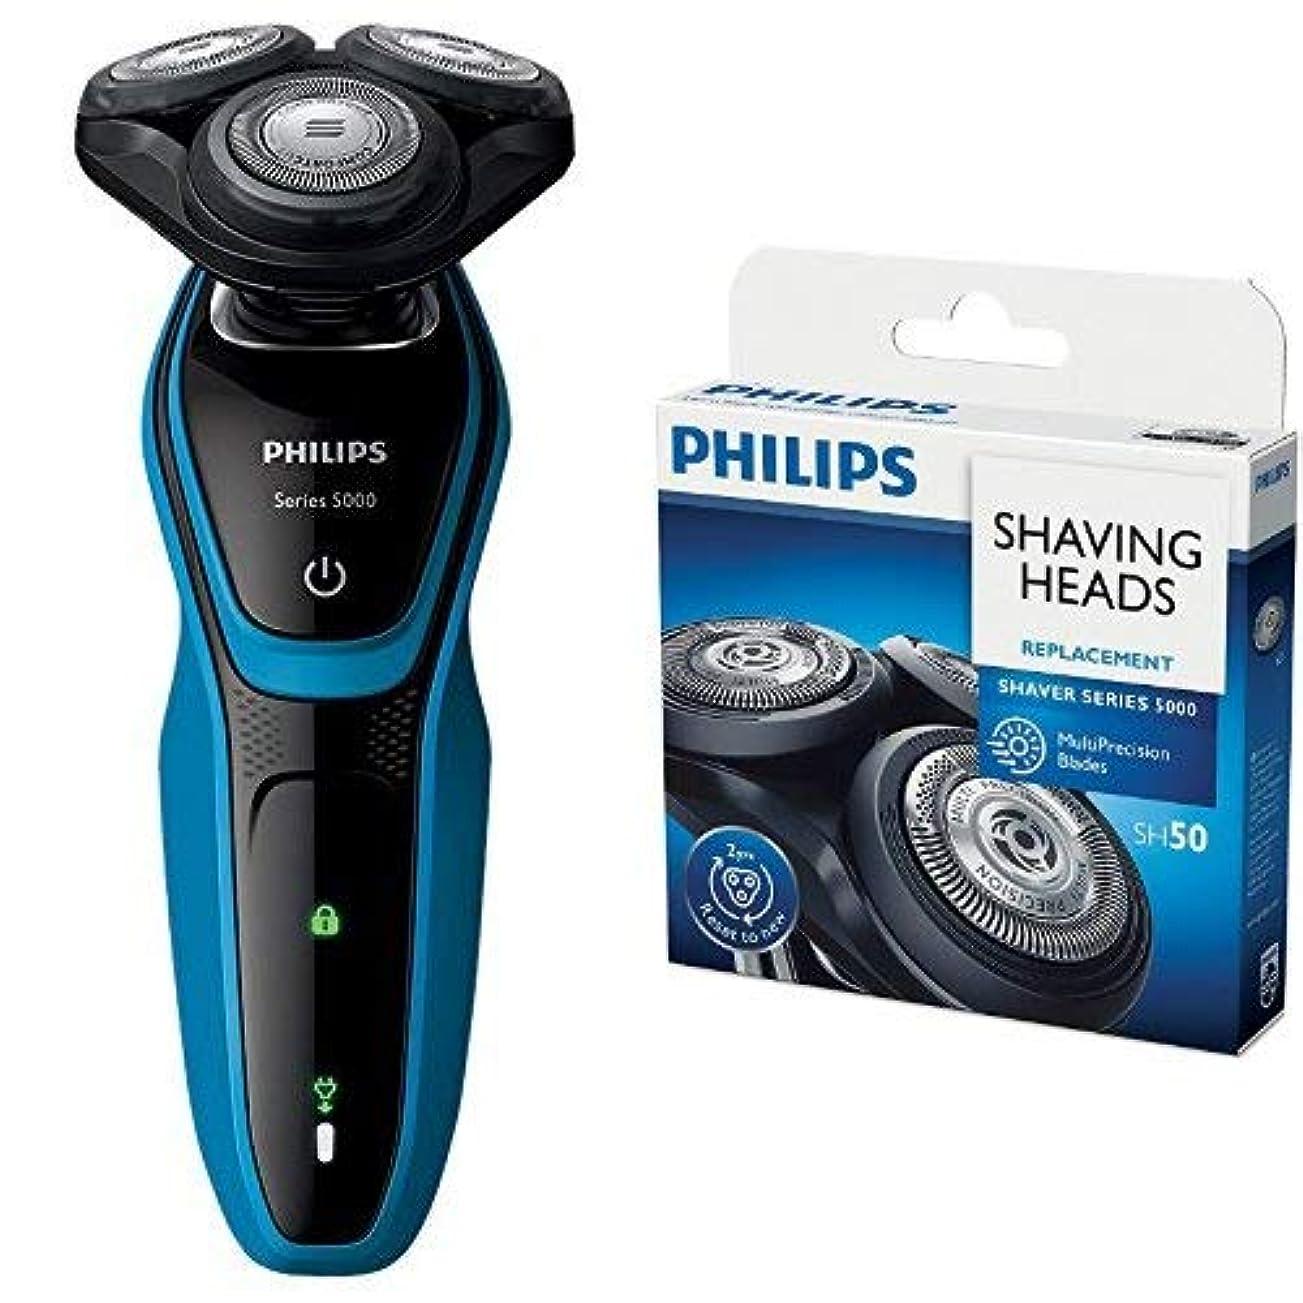 たぶん振り向く香水[セット販売]フィリップス 5000シリーズ メンズ 電気シェーバー 27枚刃 回転式 お風呂剃り & 丸洗い可 S5050/05 + フィリップス 5000シリーズ用替刃 SH50/51